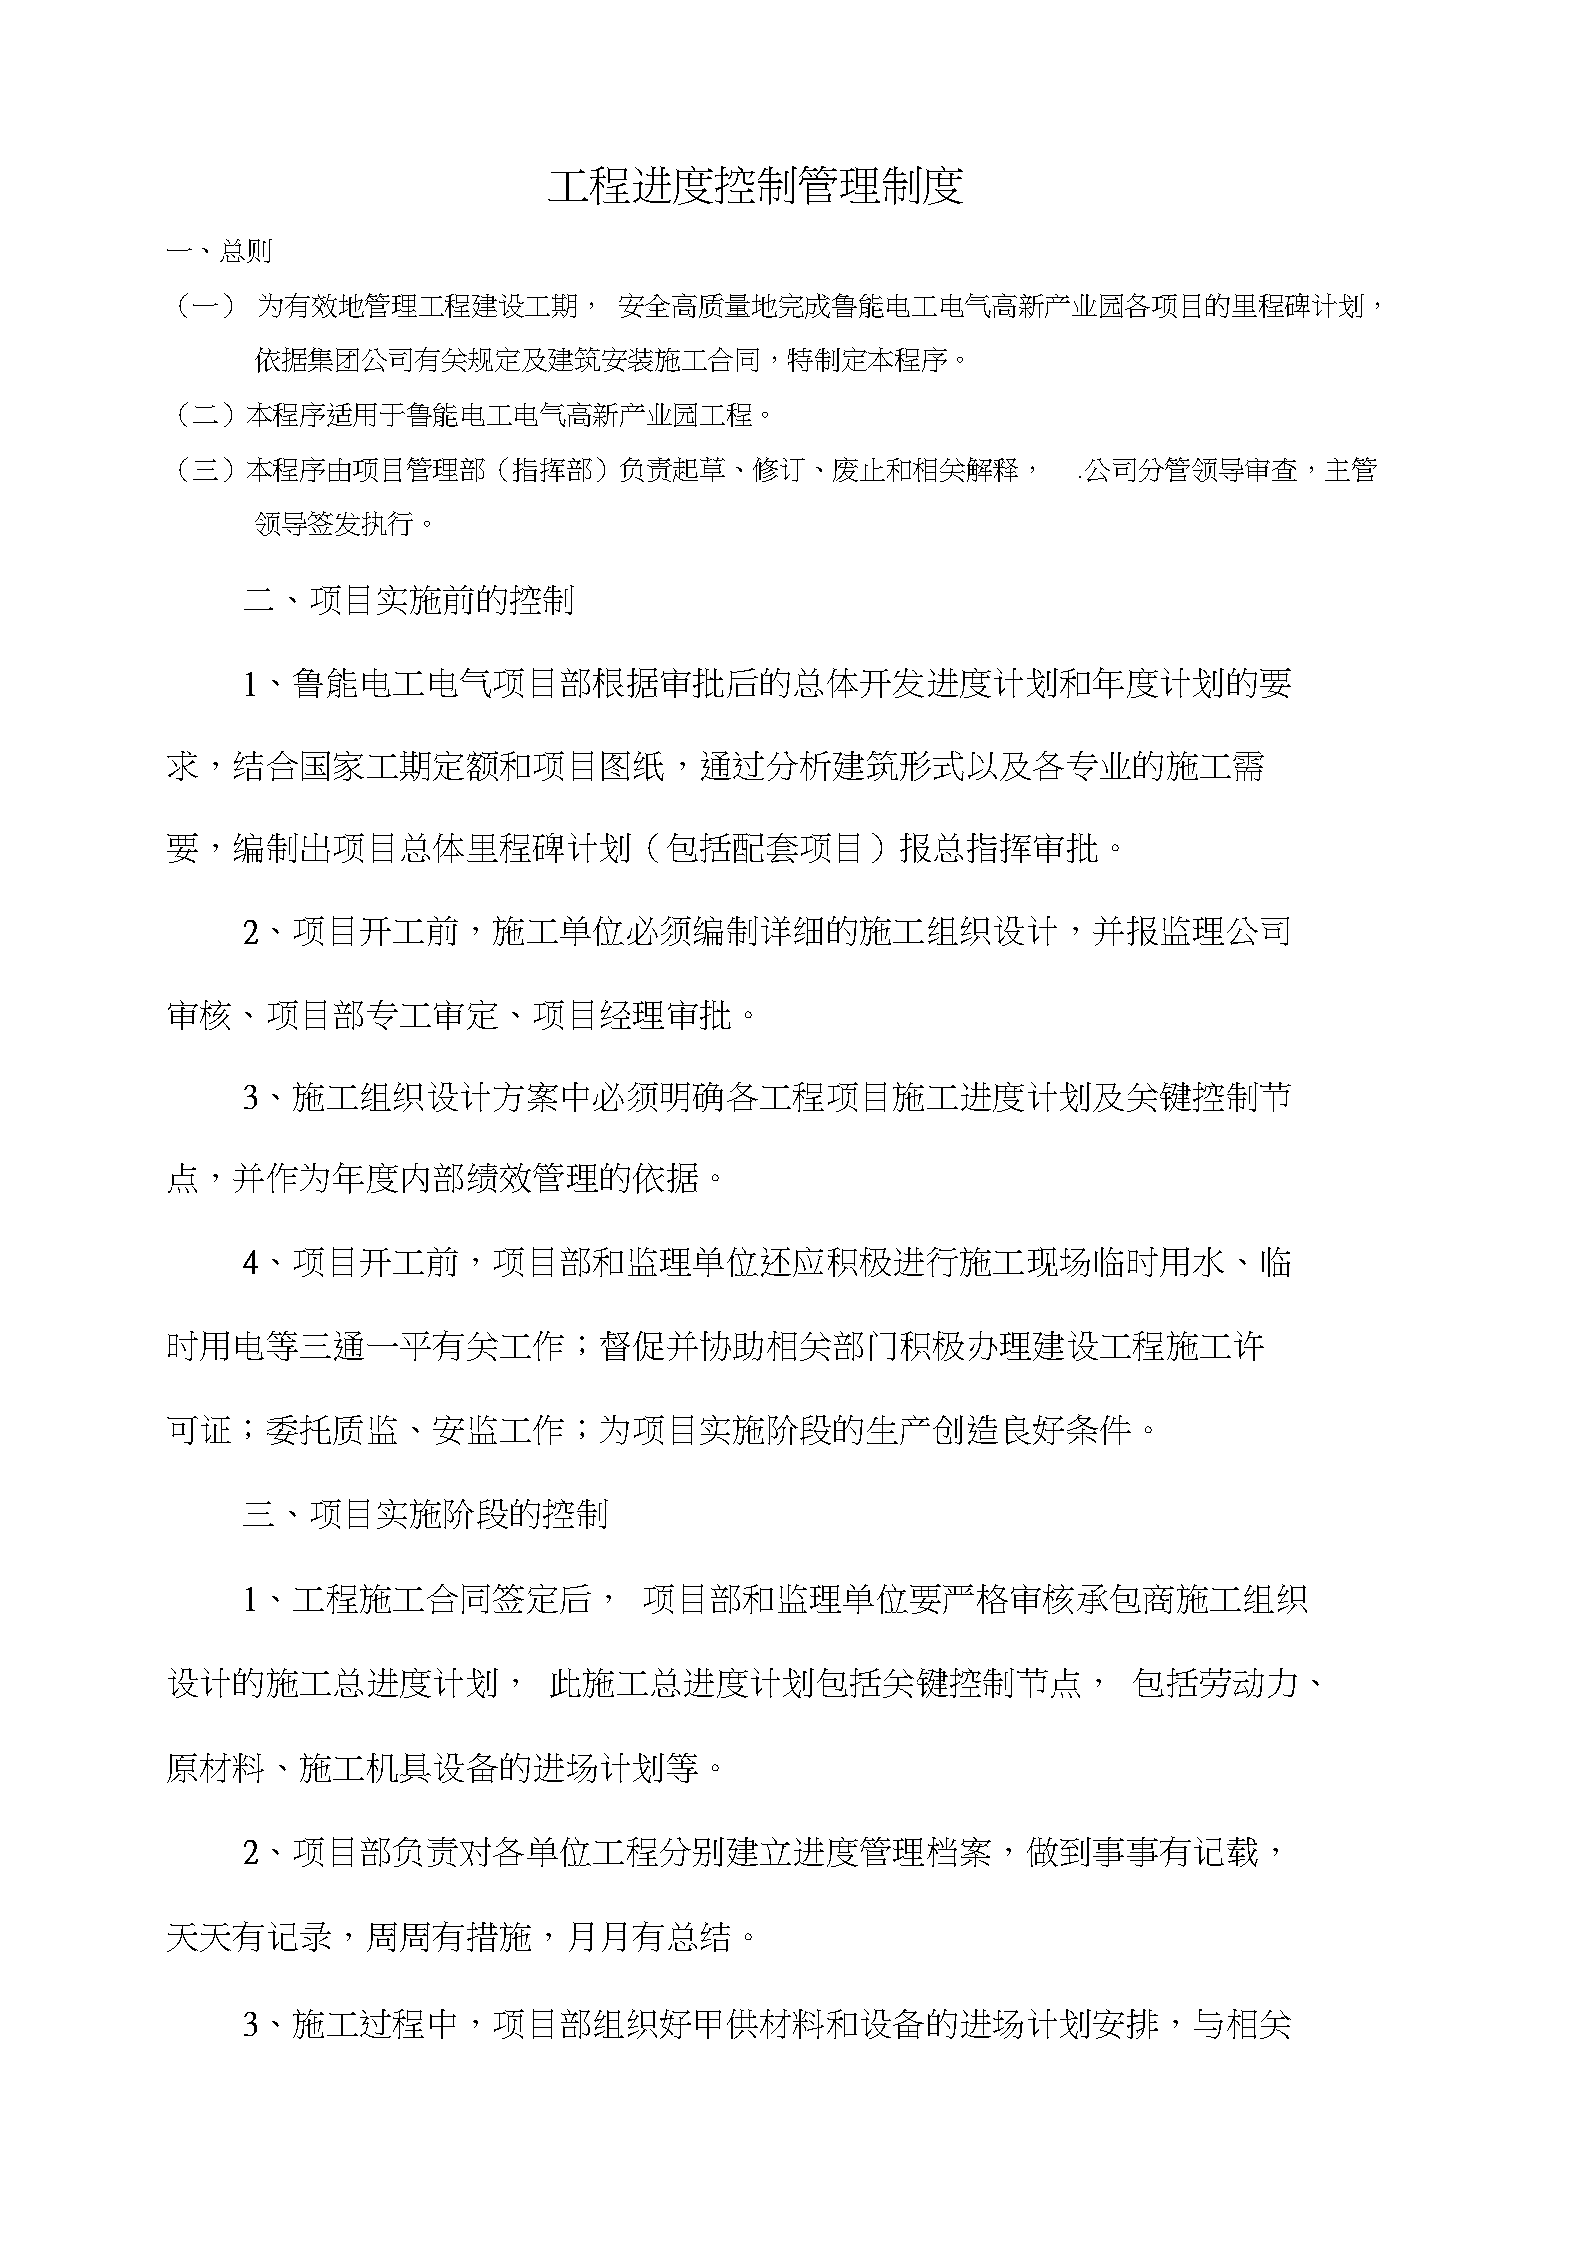 工程進度控制管理制度(20200701151513).docx